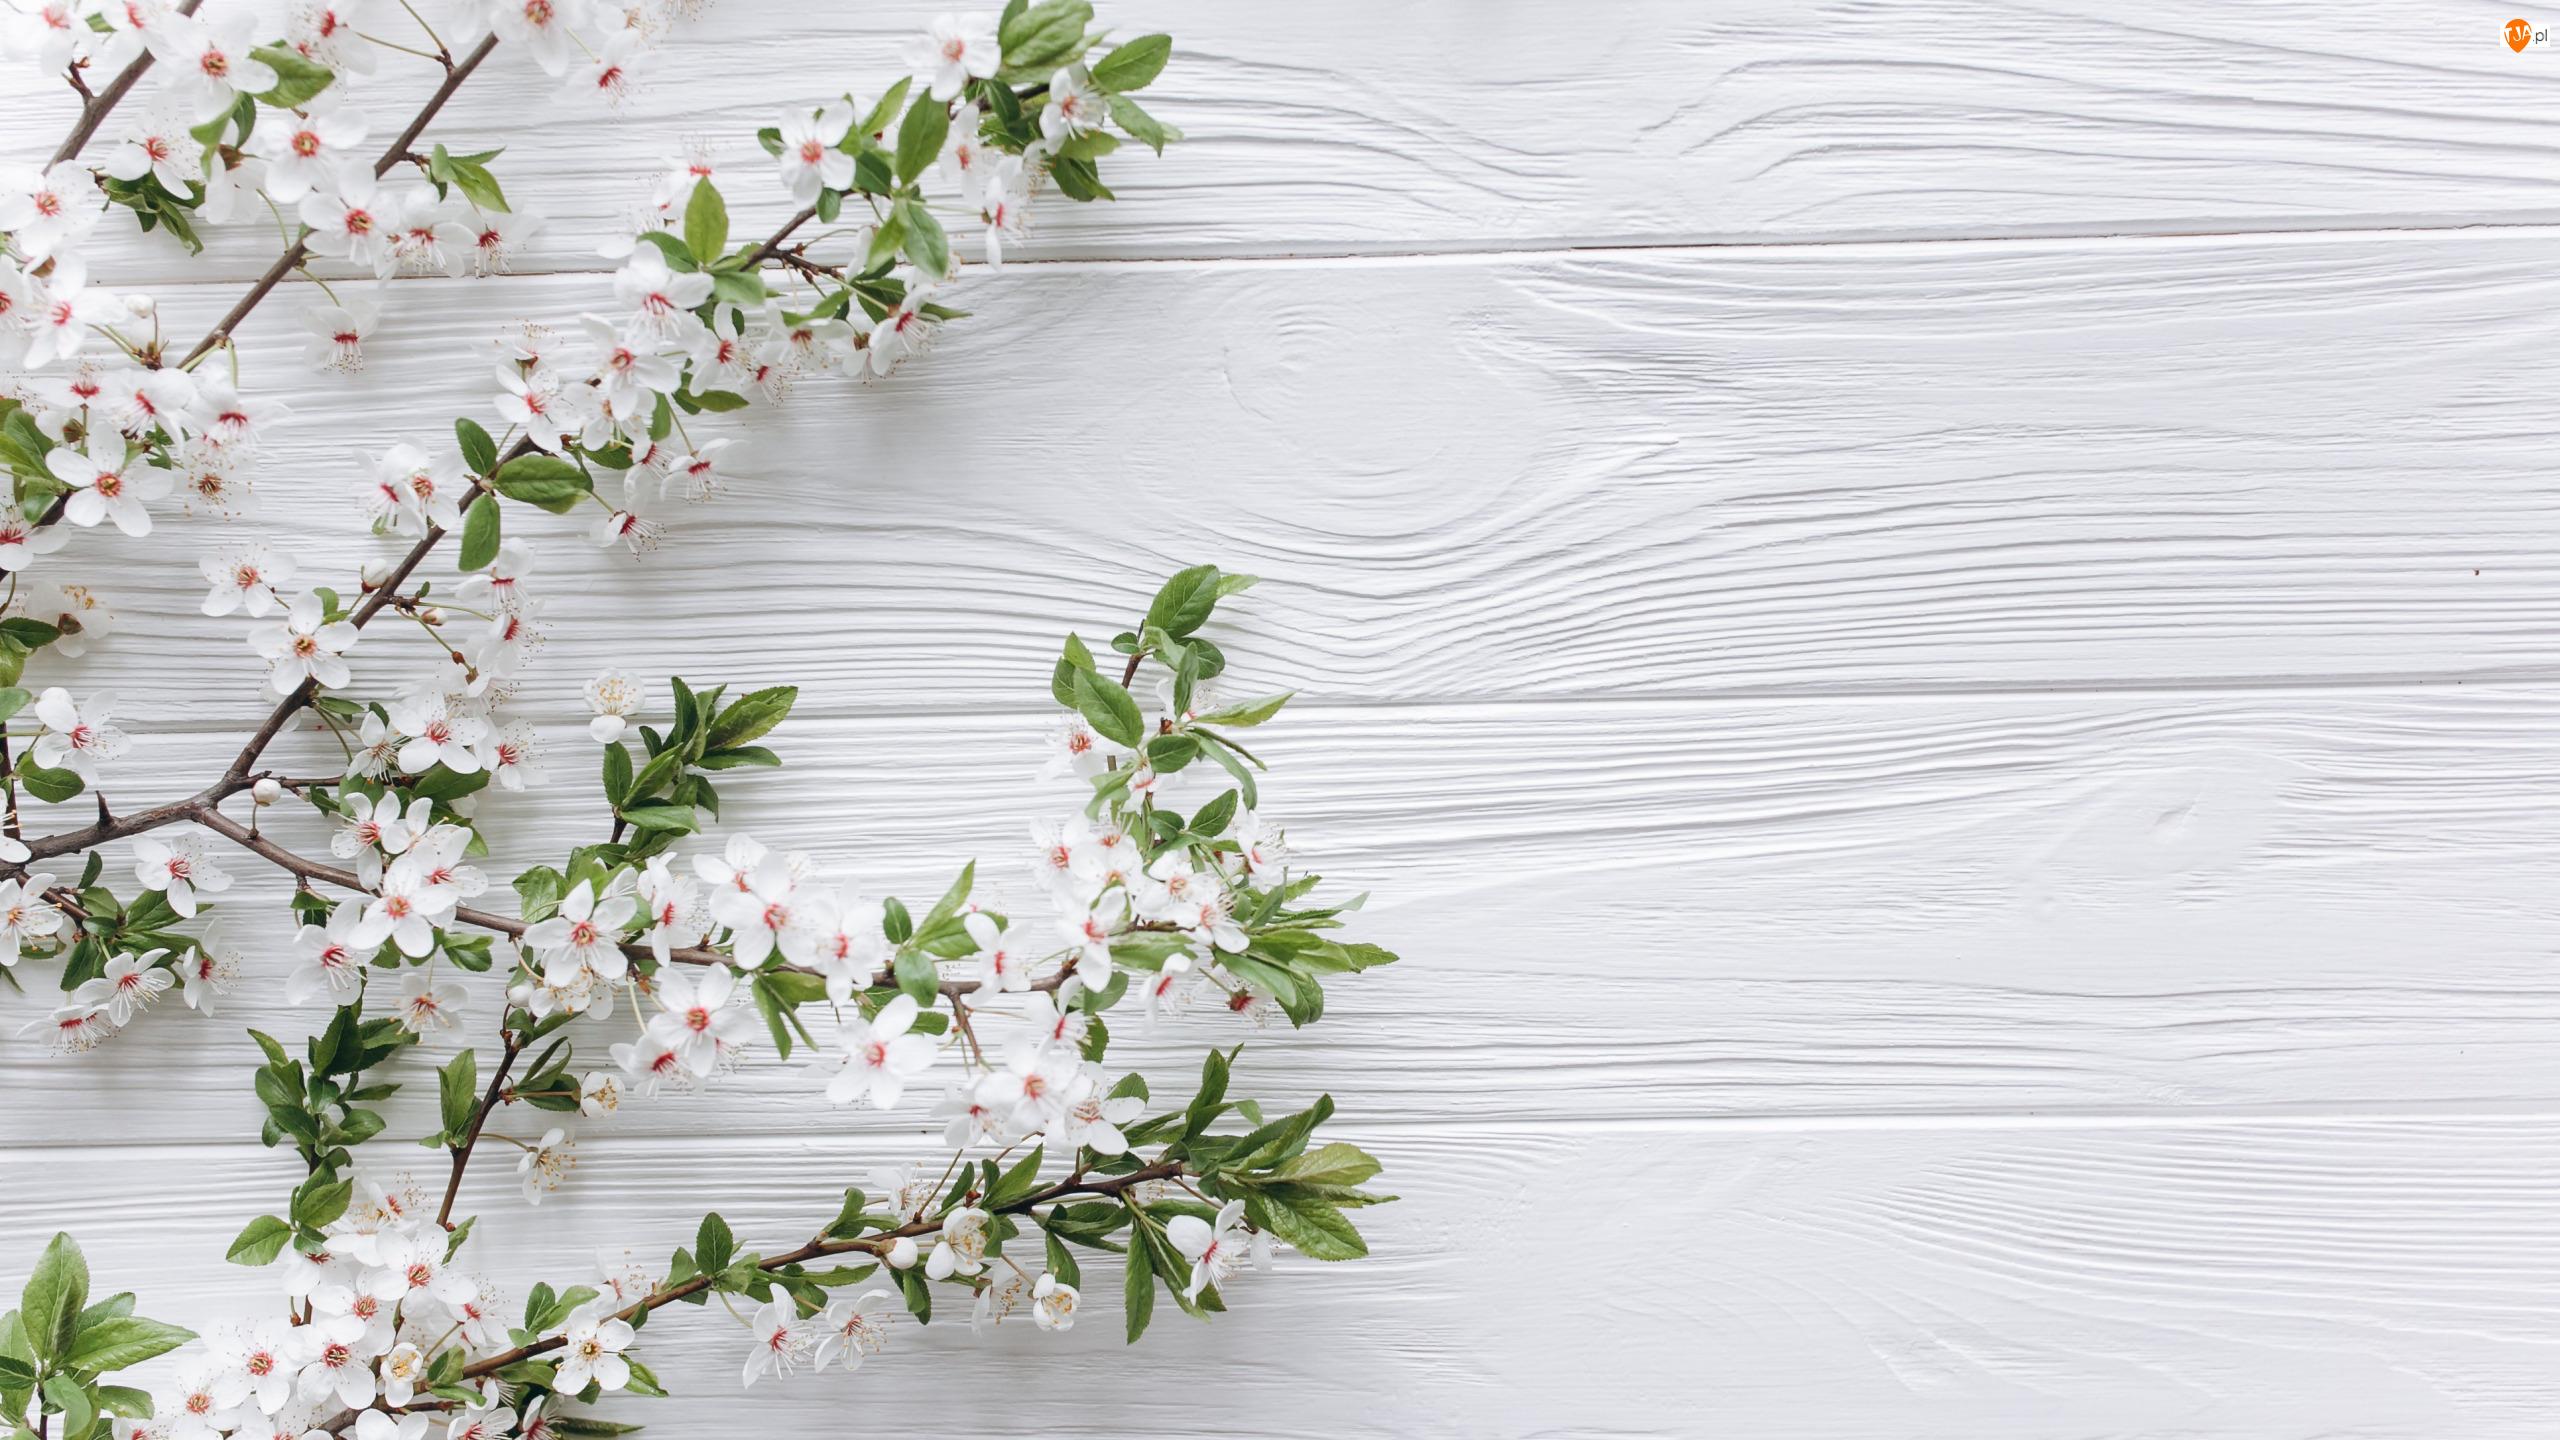 Gałązki, Drzewo owocowe, Deski, Kwiaty, Białe, Kwiaty, Białe